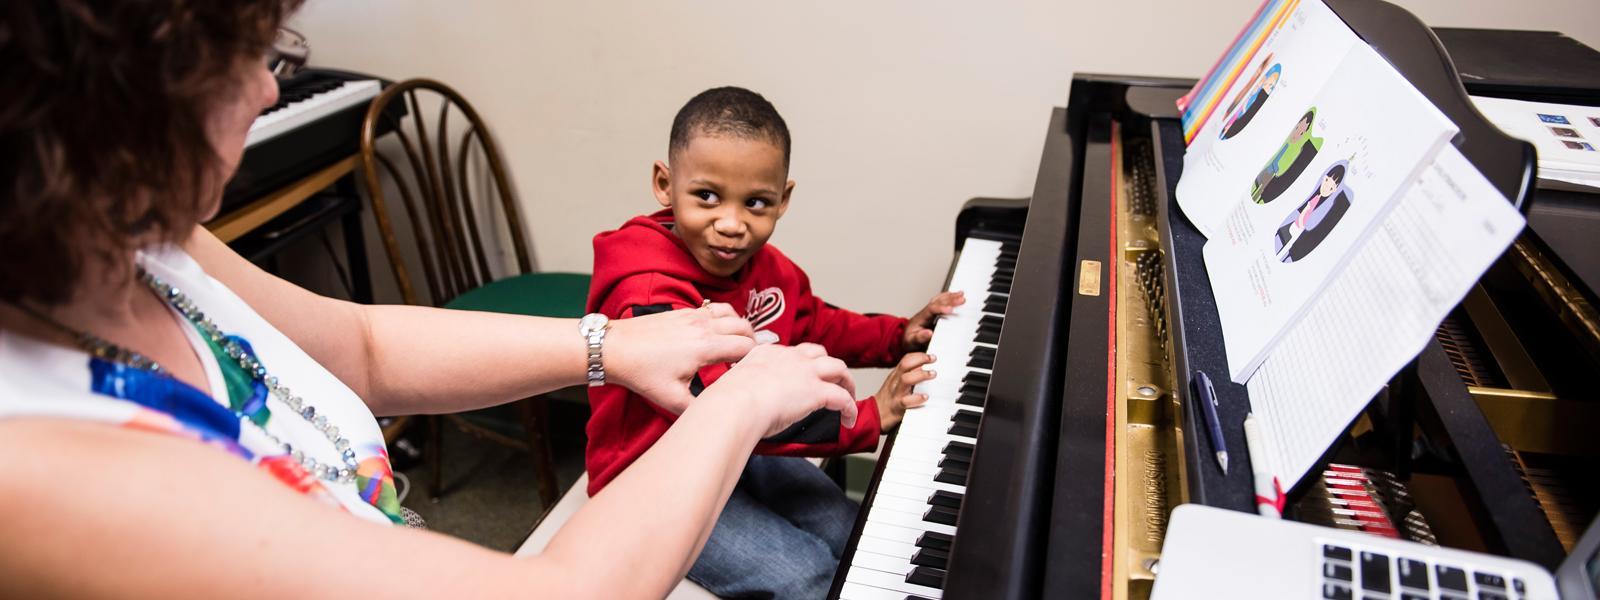 Piano Lessons / Photo: Christine Rucker